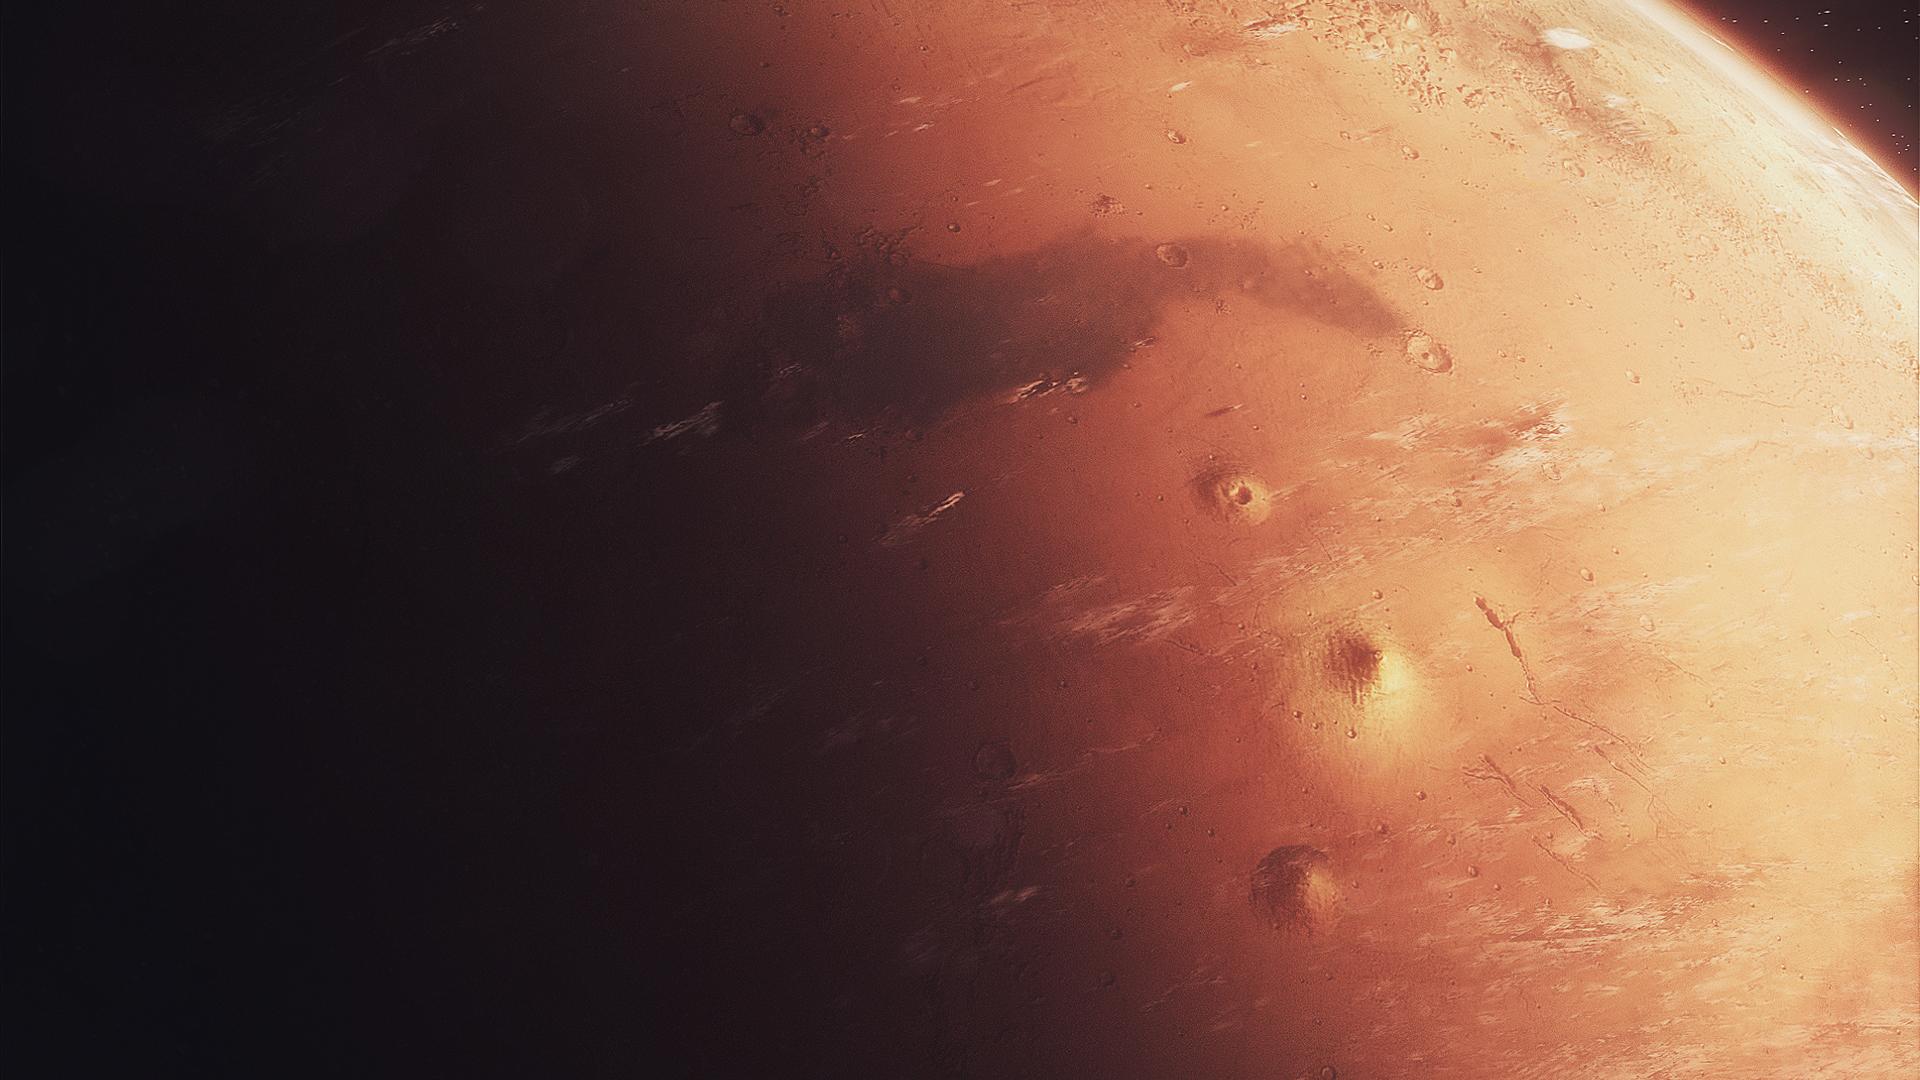 火星高清壁纸 桌面背景 1920x1080 Id 938830 Wallpaper Abyss